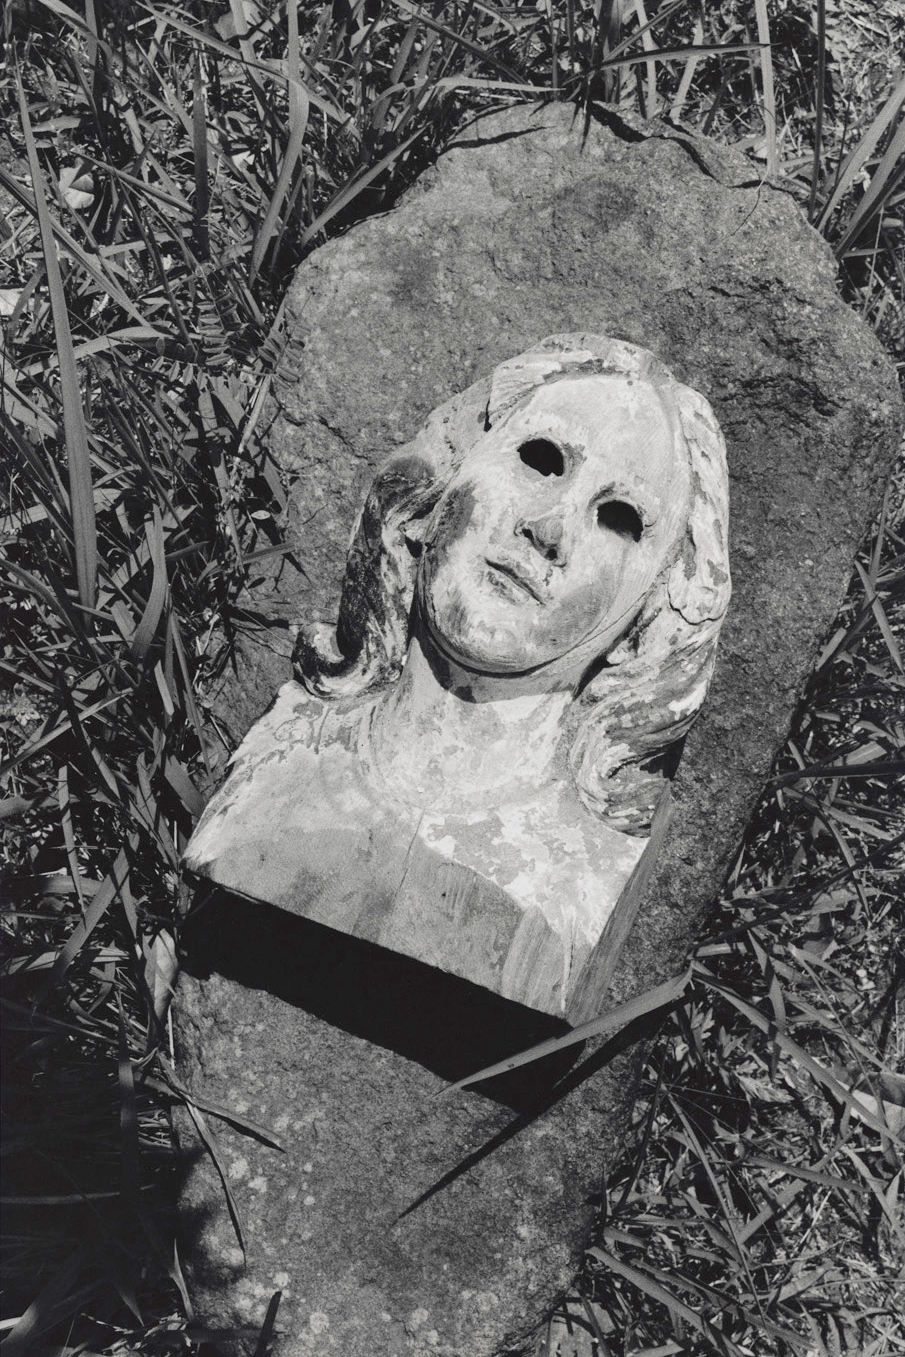 写真・図版 : 被爆したマリア像。かつてカトリック浦上天主堂の祭壇にあった木製の聖母像。この像のモデルはムリーリョ作『無原罪の御宿り』と伝えられる(長崎、1998年)©Yoshino Oishi